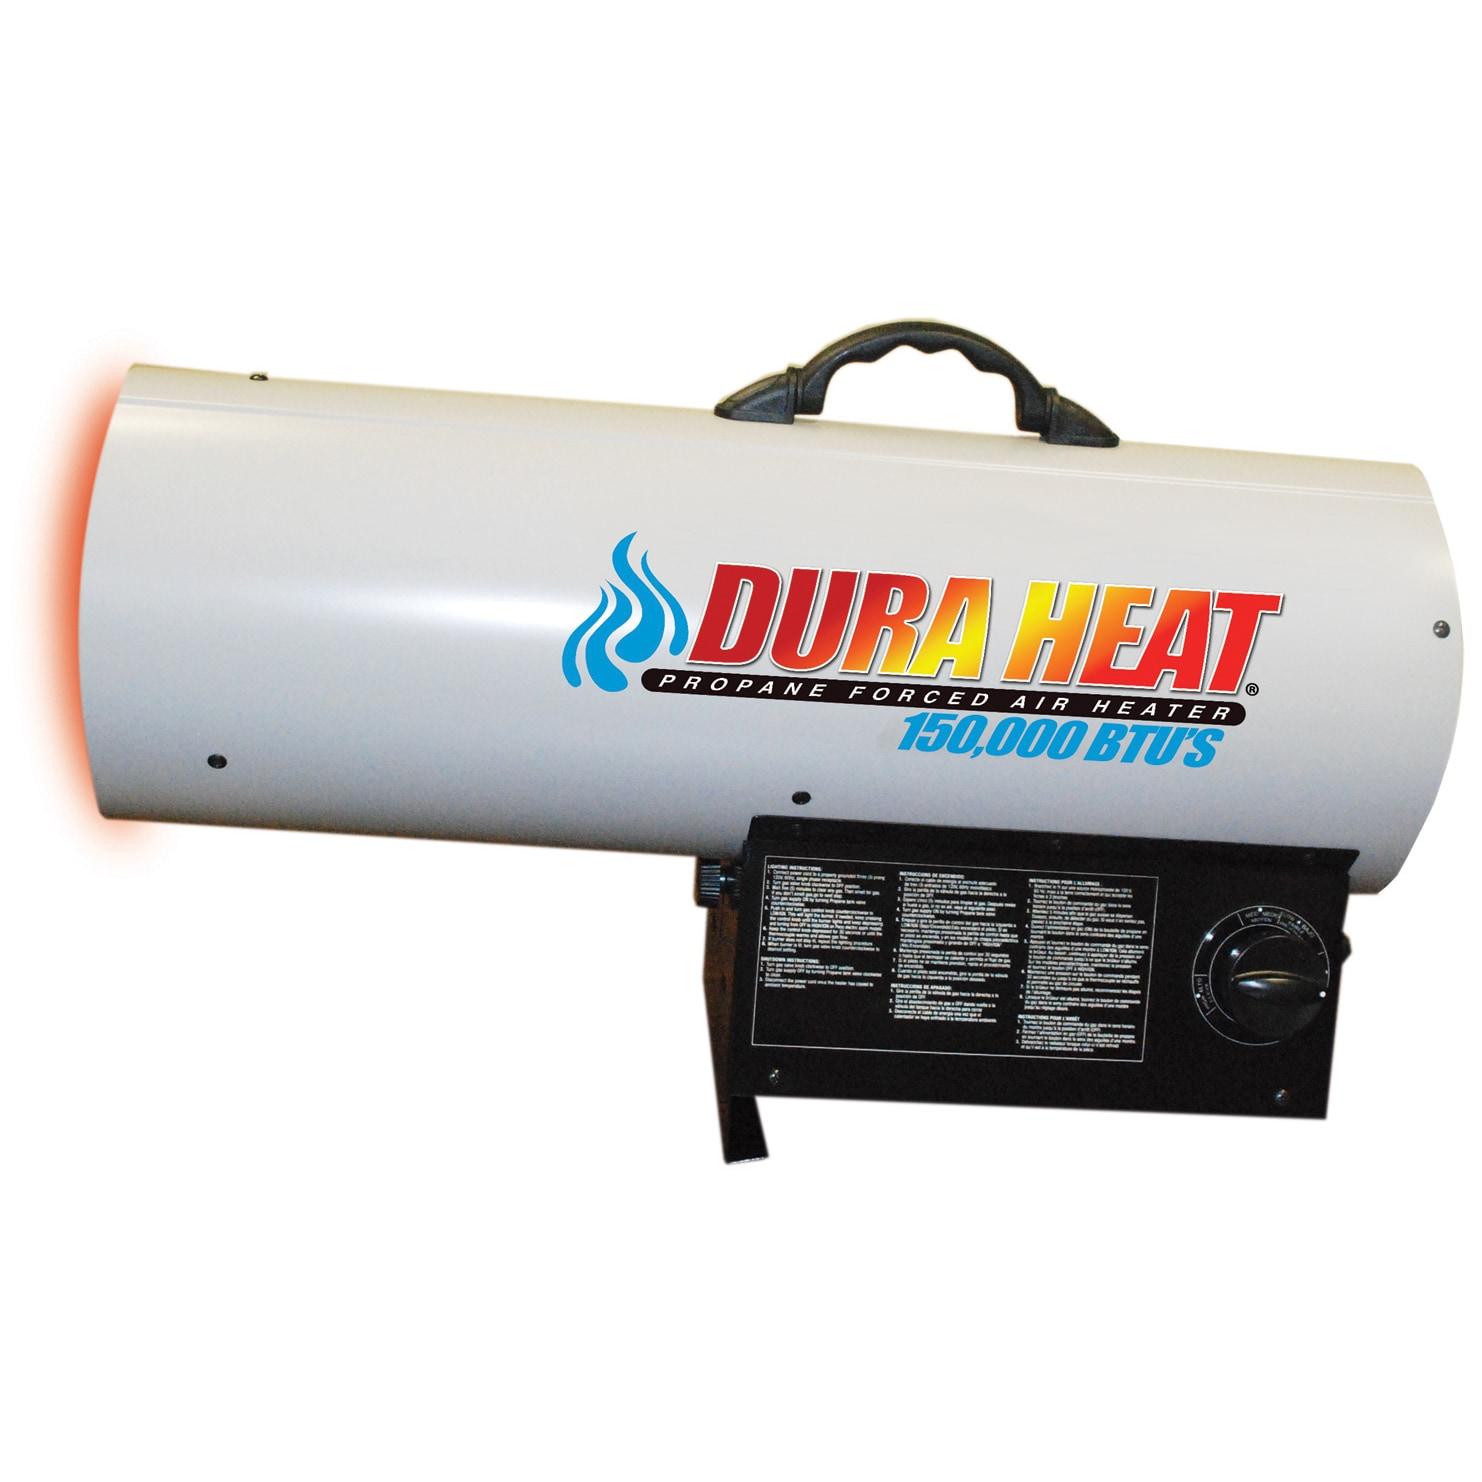 Forced Air Propane Heater >> Kero World Gfa150a 120 000 To 150 000 Btu Forced Air Lp Heater